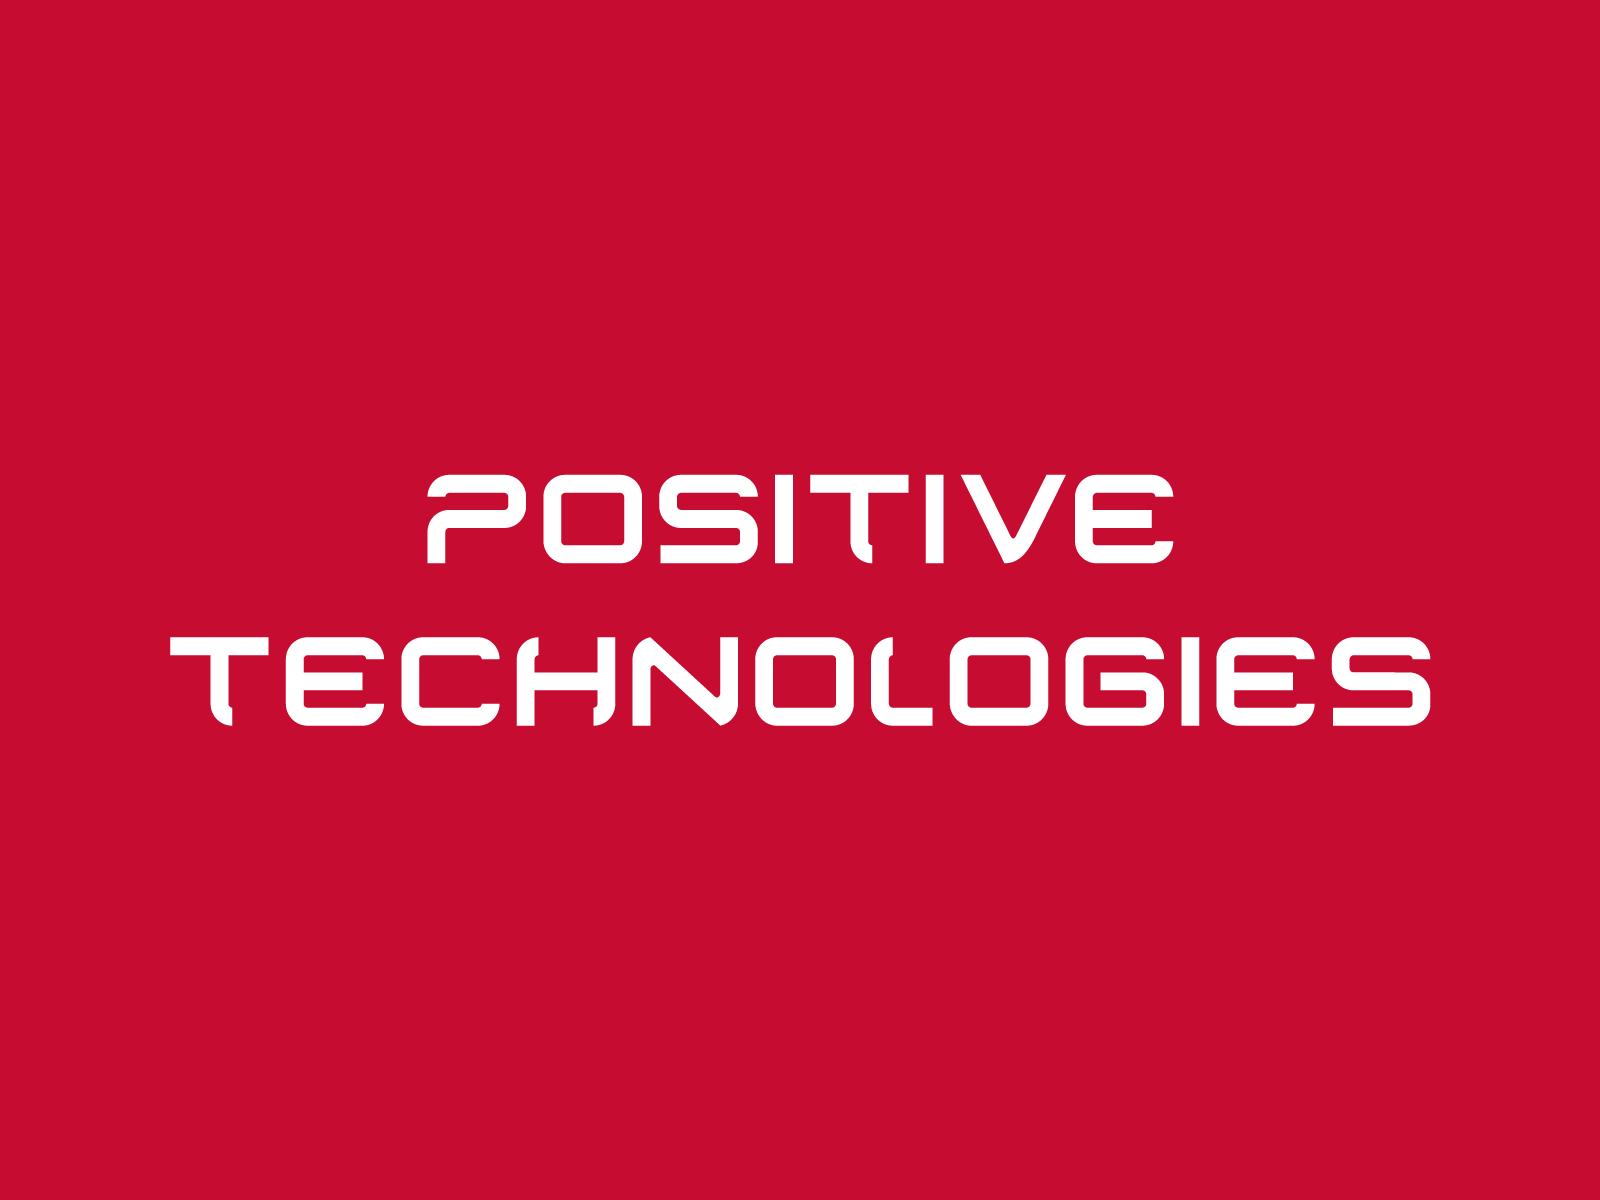 Расследование Positive Technologies: как украсть у банка миллионы рублей за одну ночь